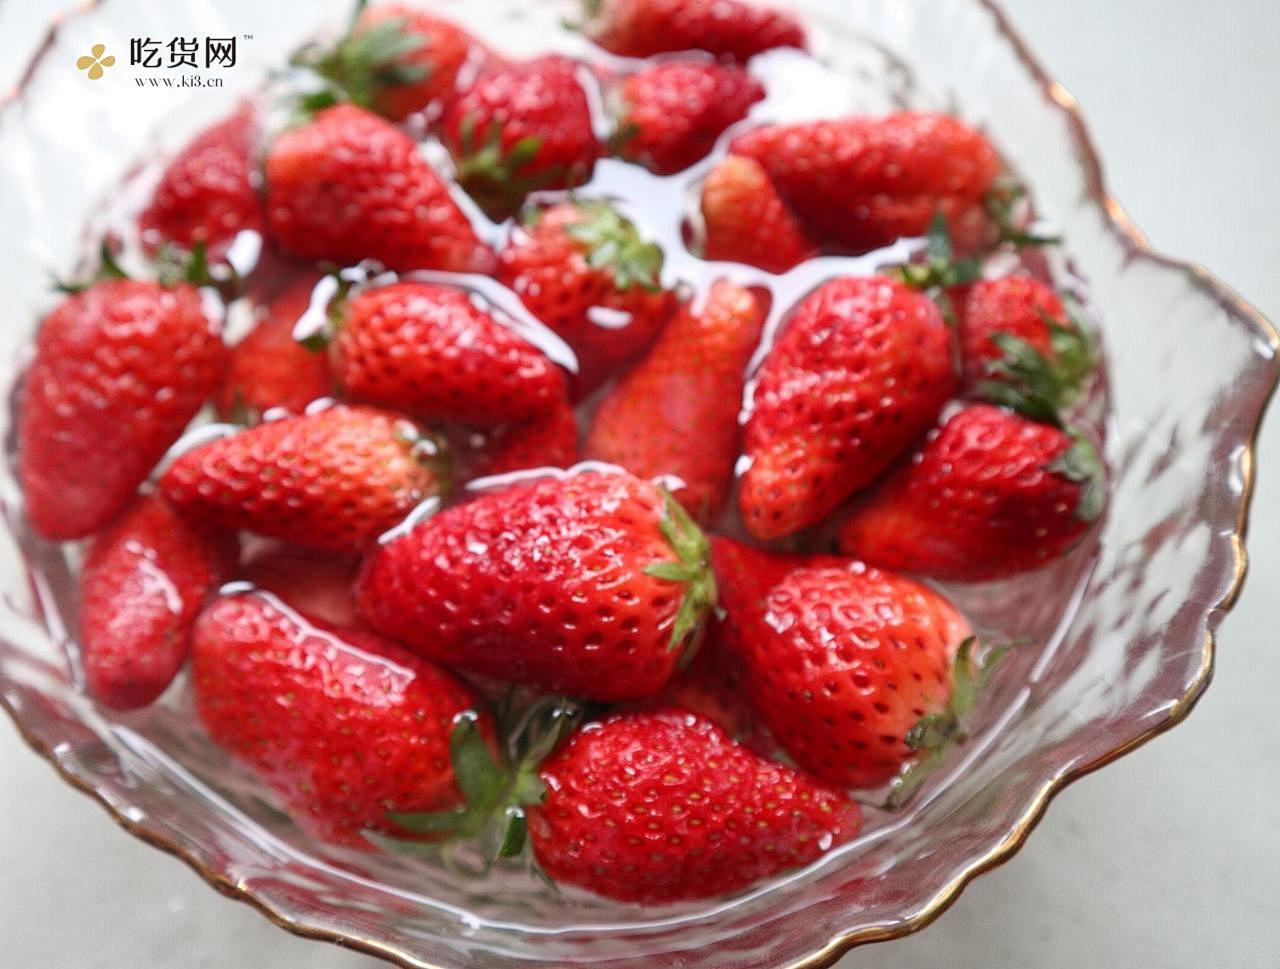 抓住草莓季的尾巴❗️自制草莓奶盖牛乳的做法 步骤1